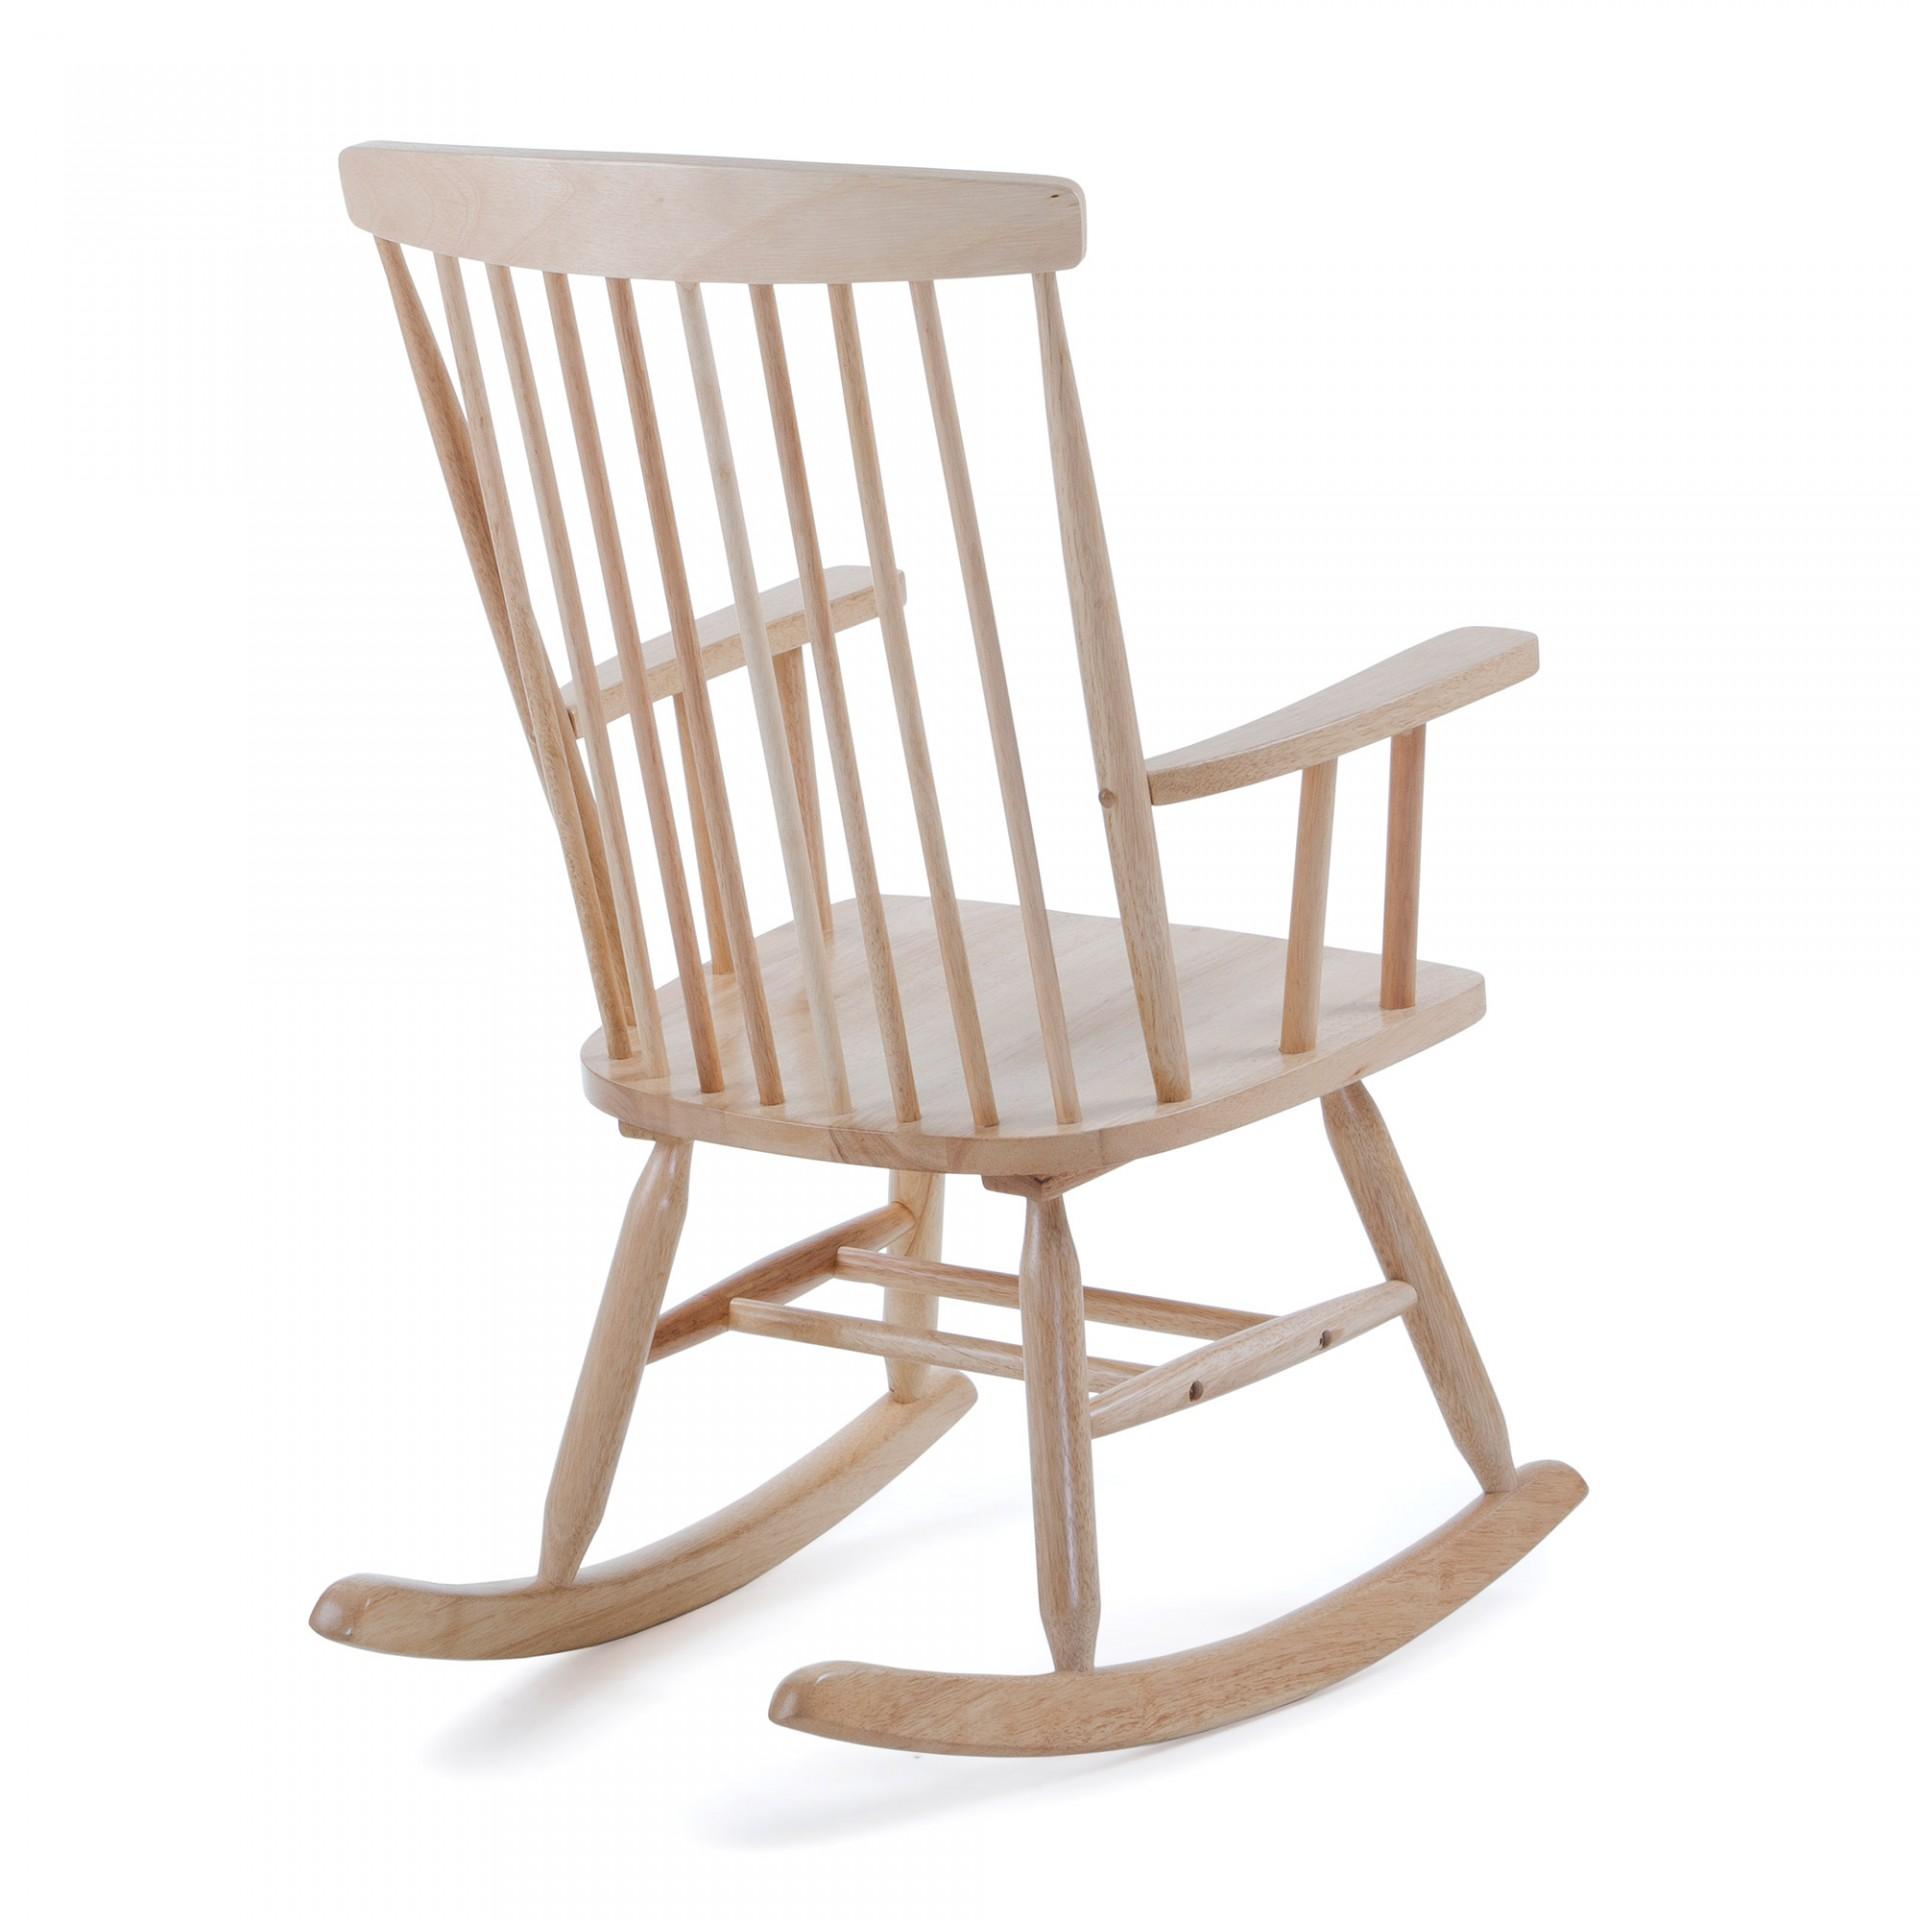 Cadeira de baloiço Menzo, madeira de seringueira natural